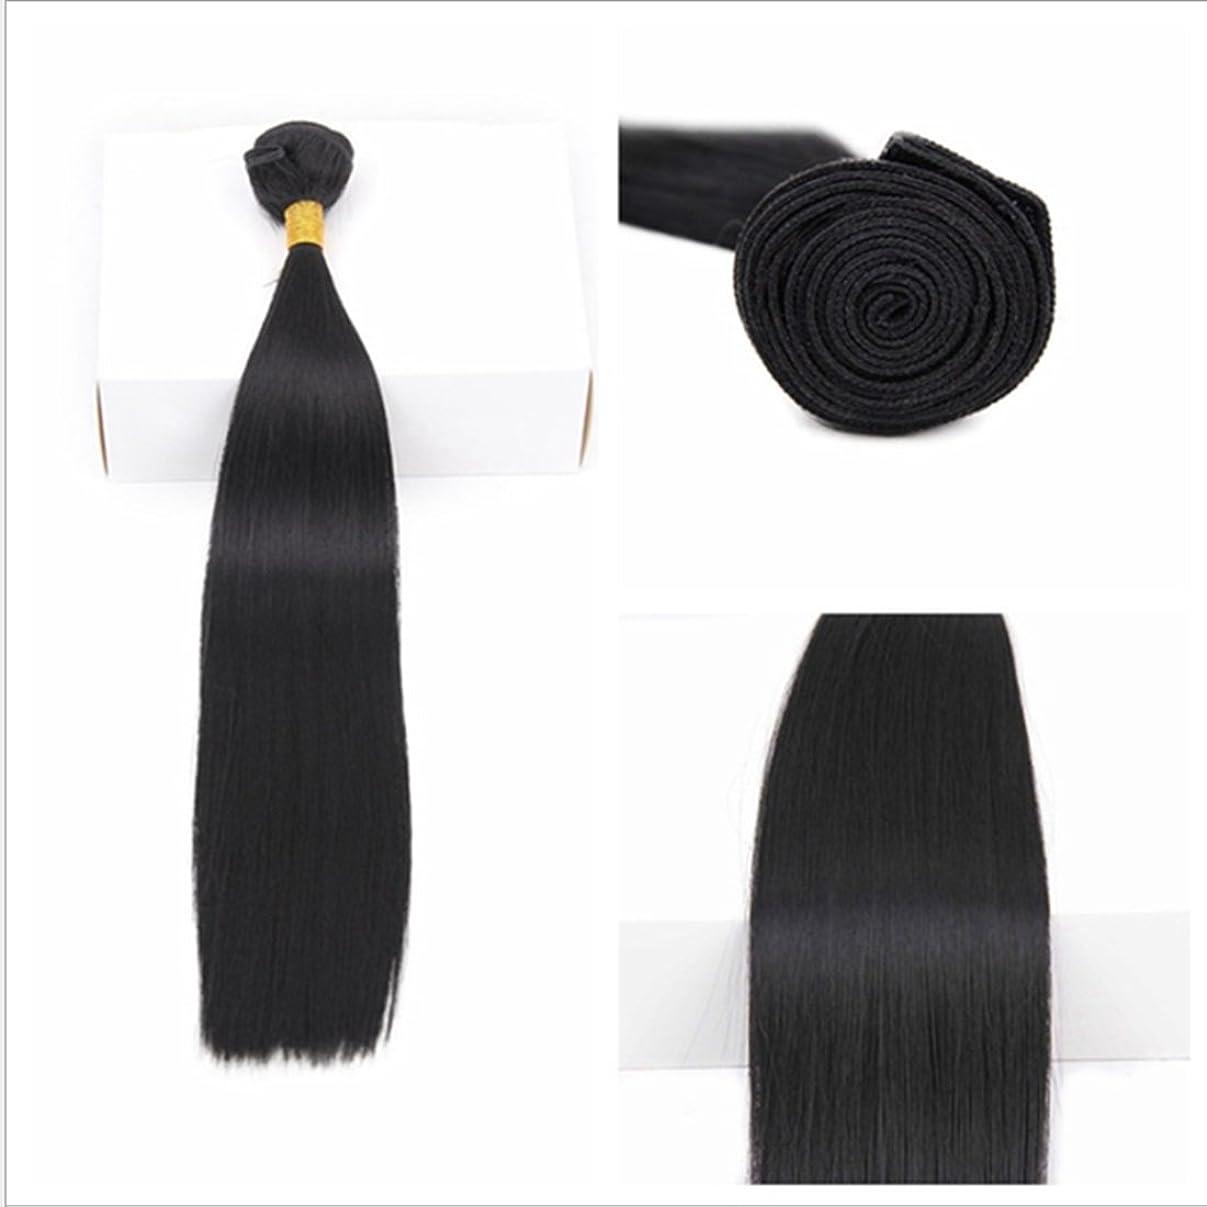 スペース手ギャングスターJIANFU ブラジル 女性 耐熱 長い ストレート ウィッグ ヘア カーテン 非染色(70g / 100g) 18 インチ 至る 10インチ ブラックヘア (サイズ : 16inch(70g))